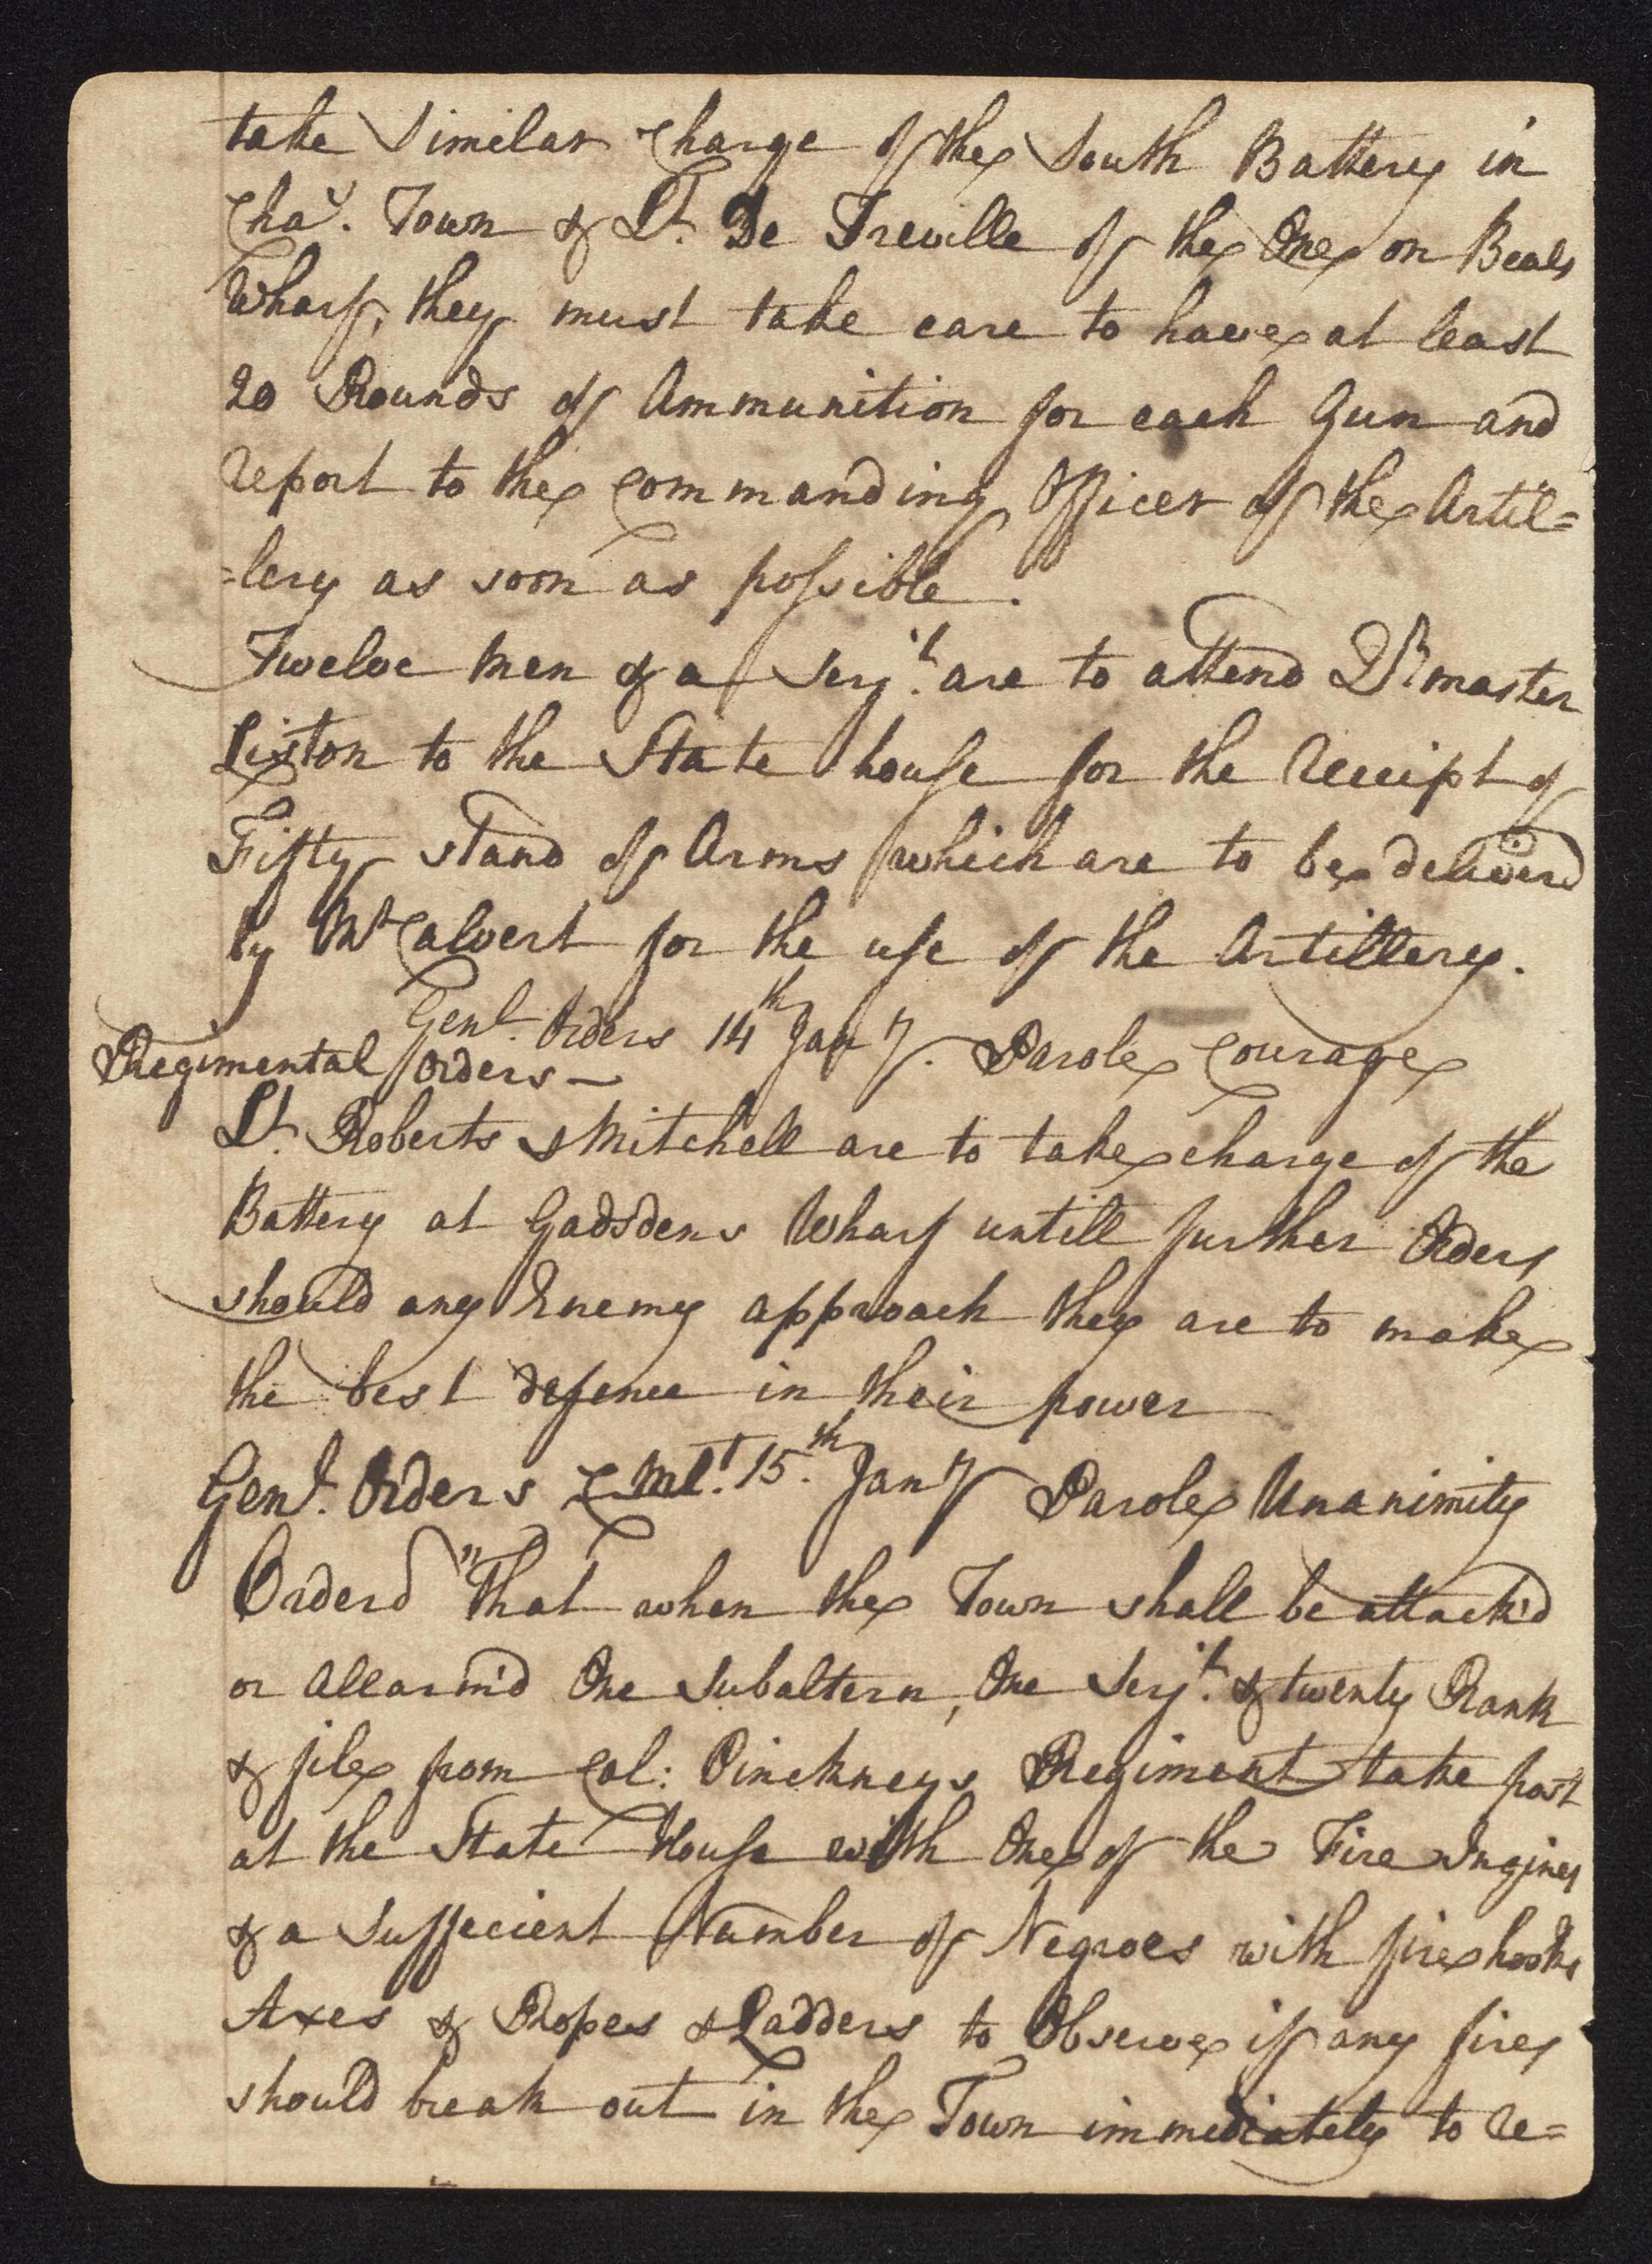 South Carolina Regiment Order Book, Page 60